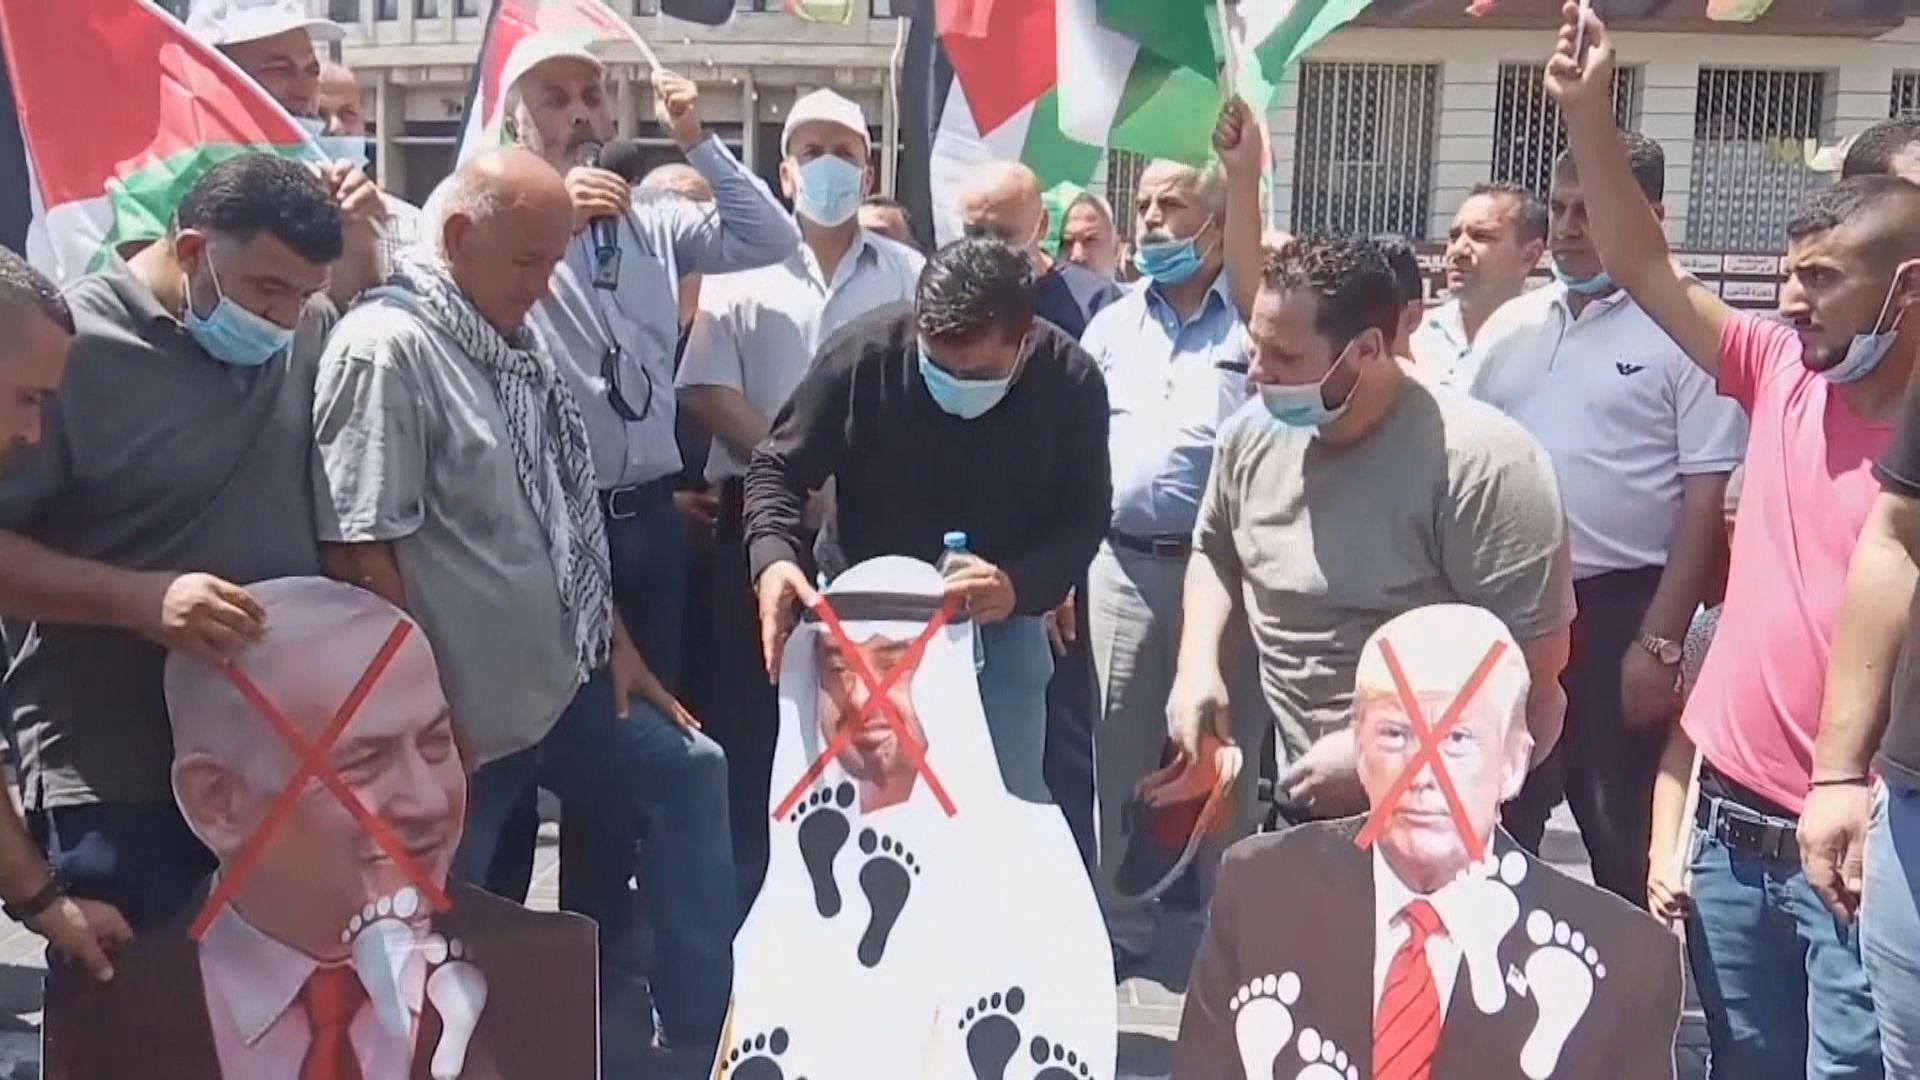 巴勒斯坦民眾抗議以色列和阿聯酋和平協議